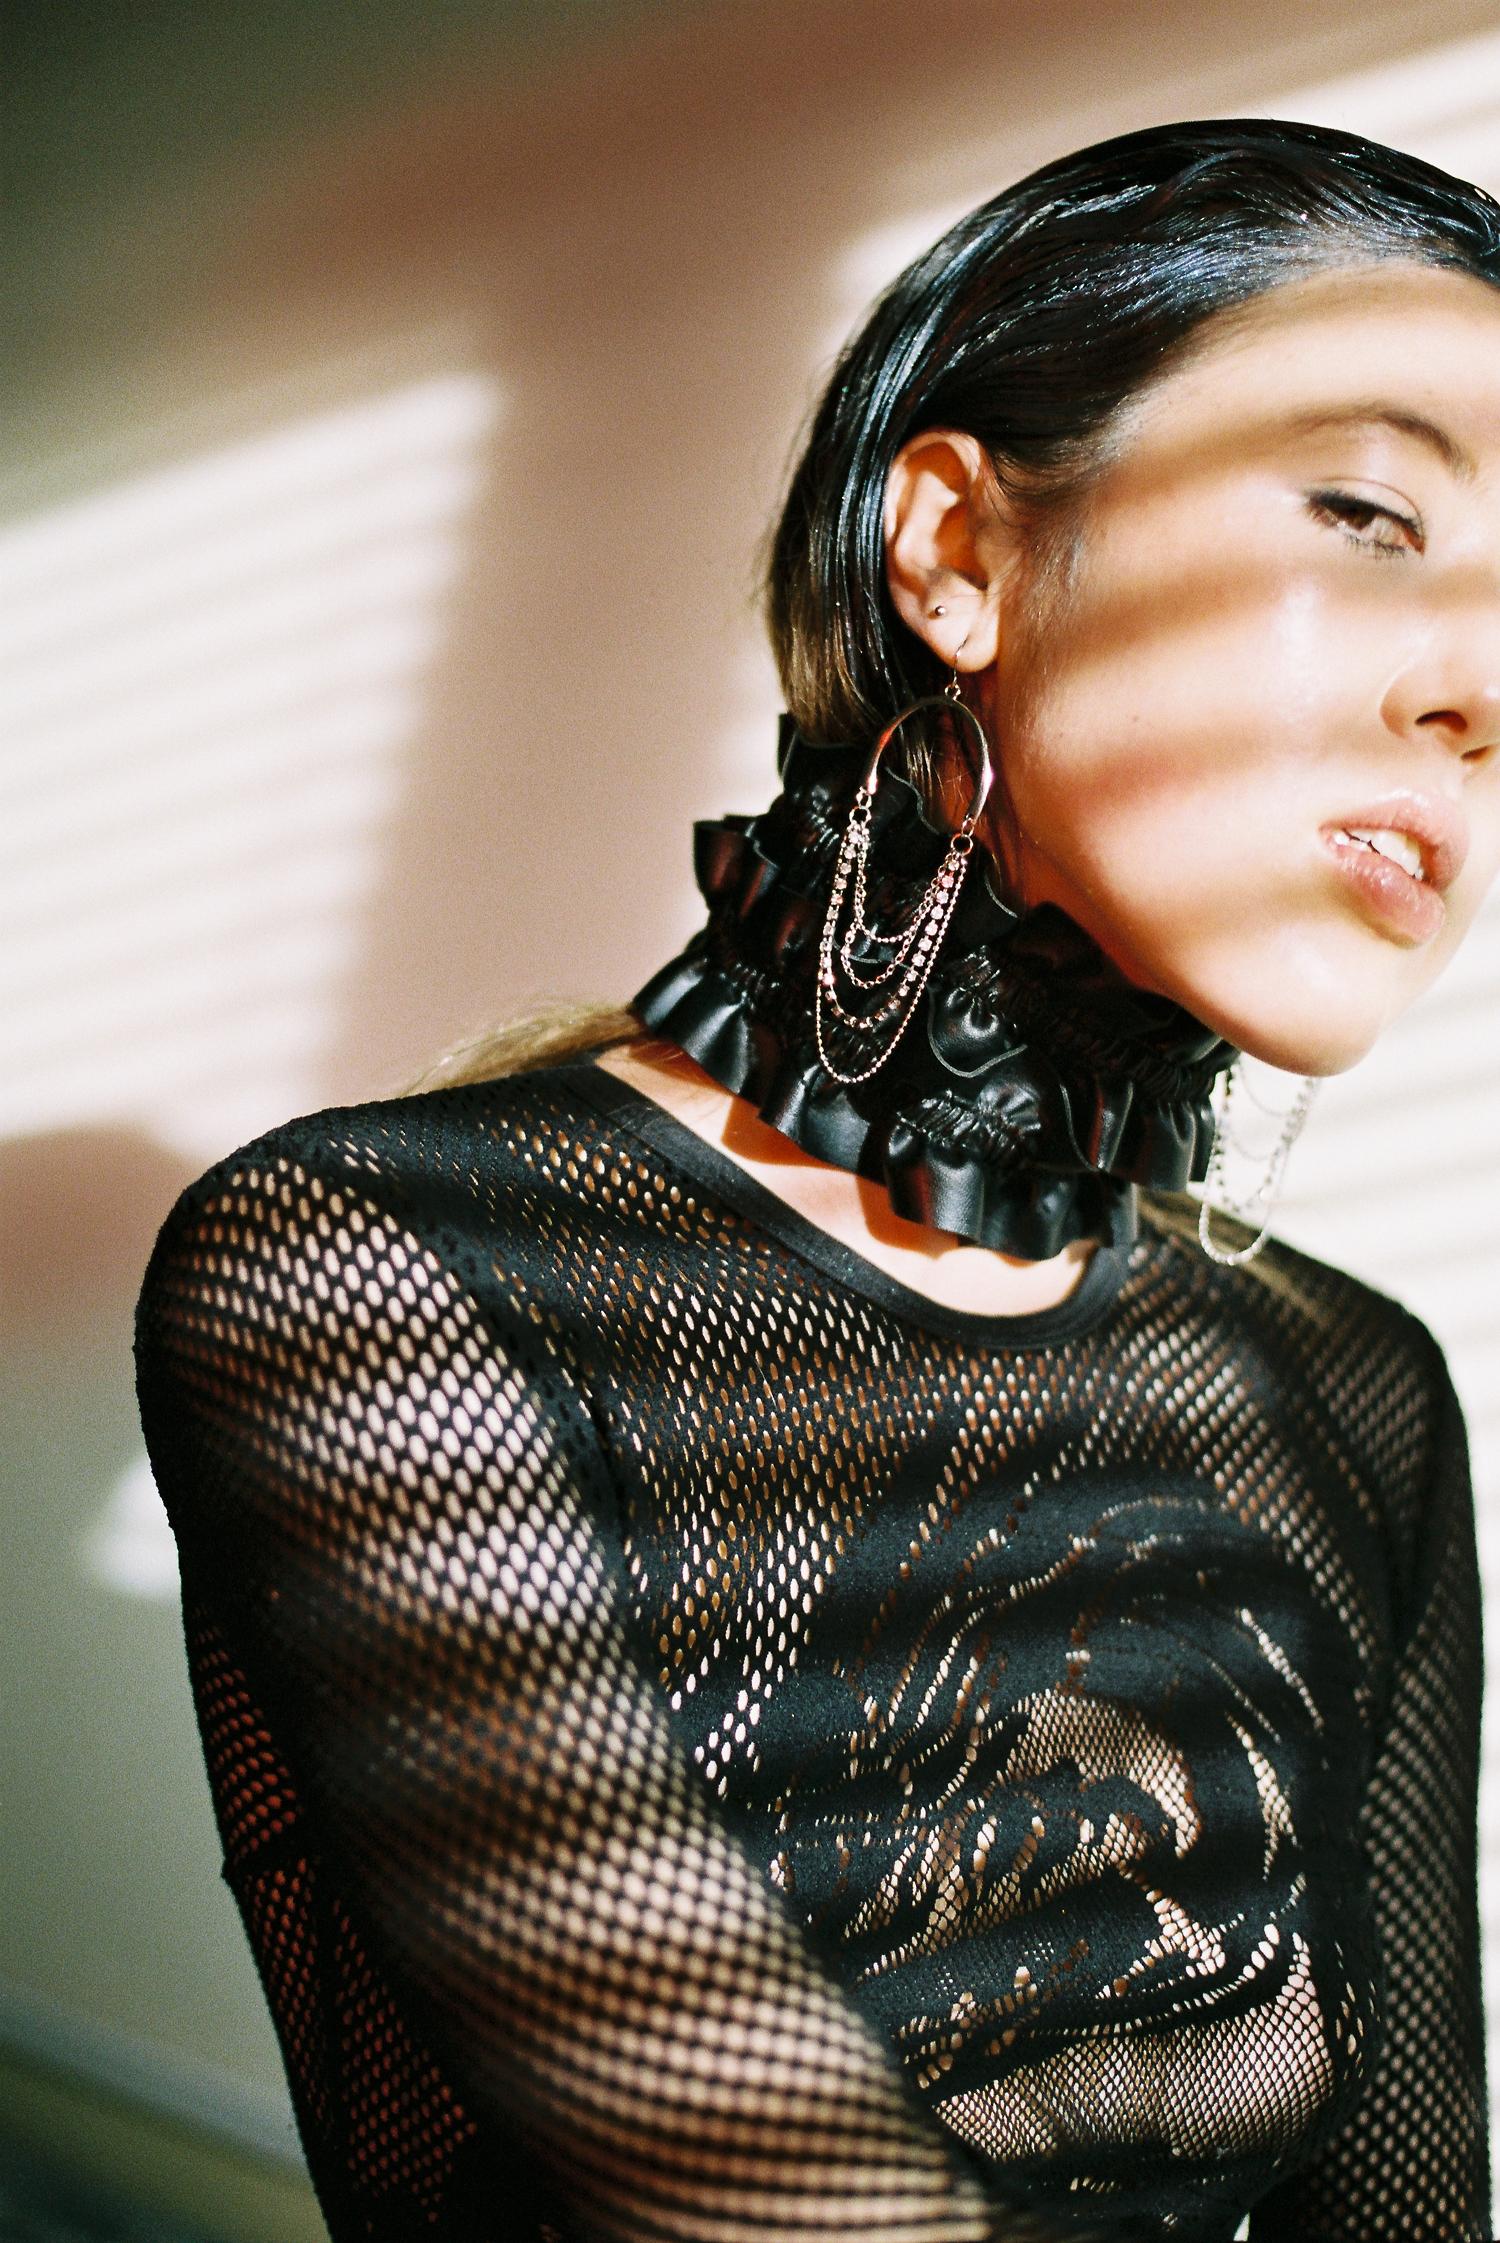 dress  FILLES A PAPA , belt worn as choker  CELINE,  boots + jewellery STYLIST'S OWN